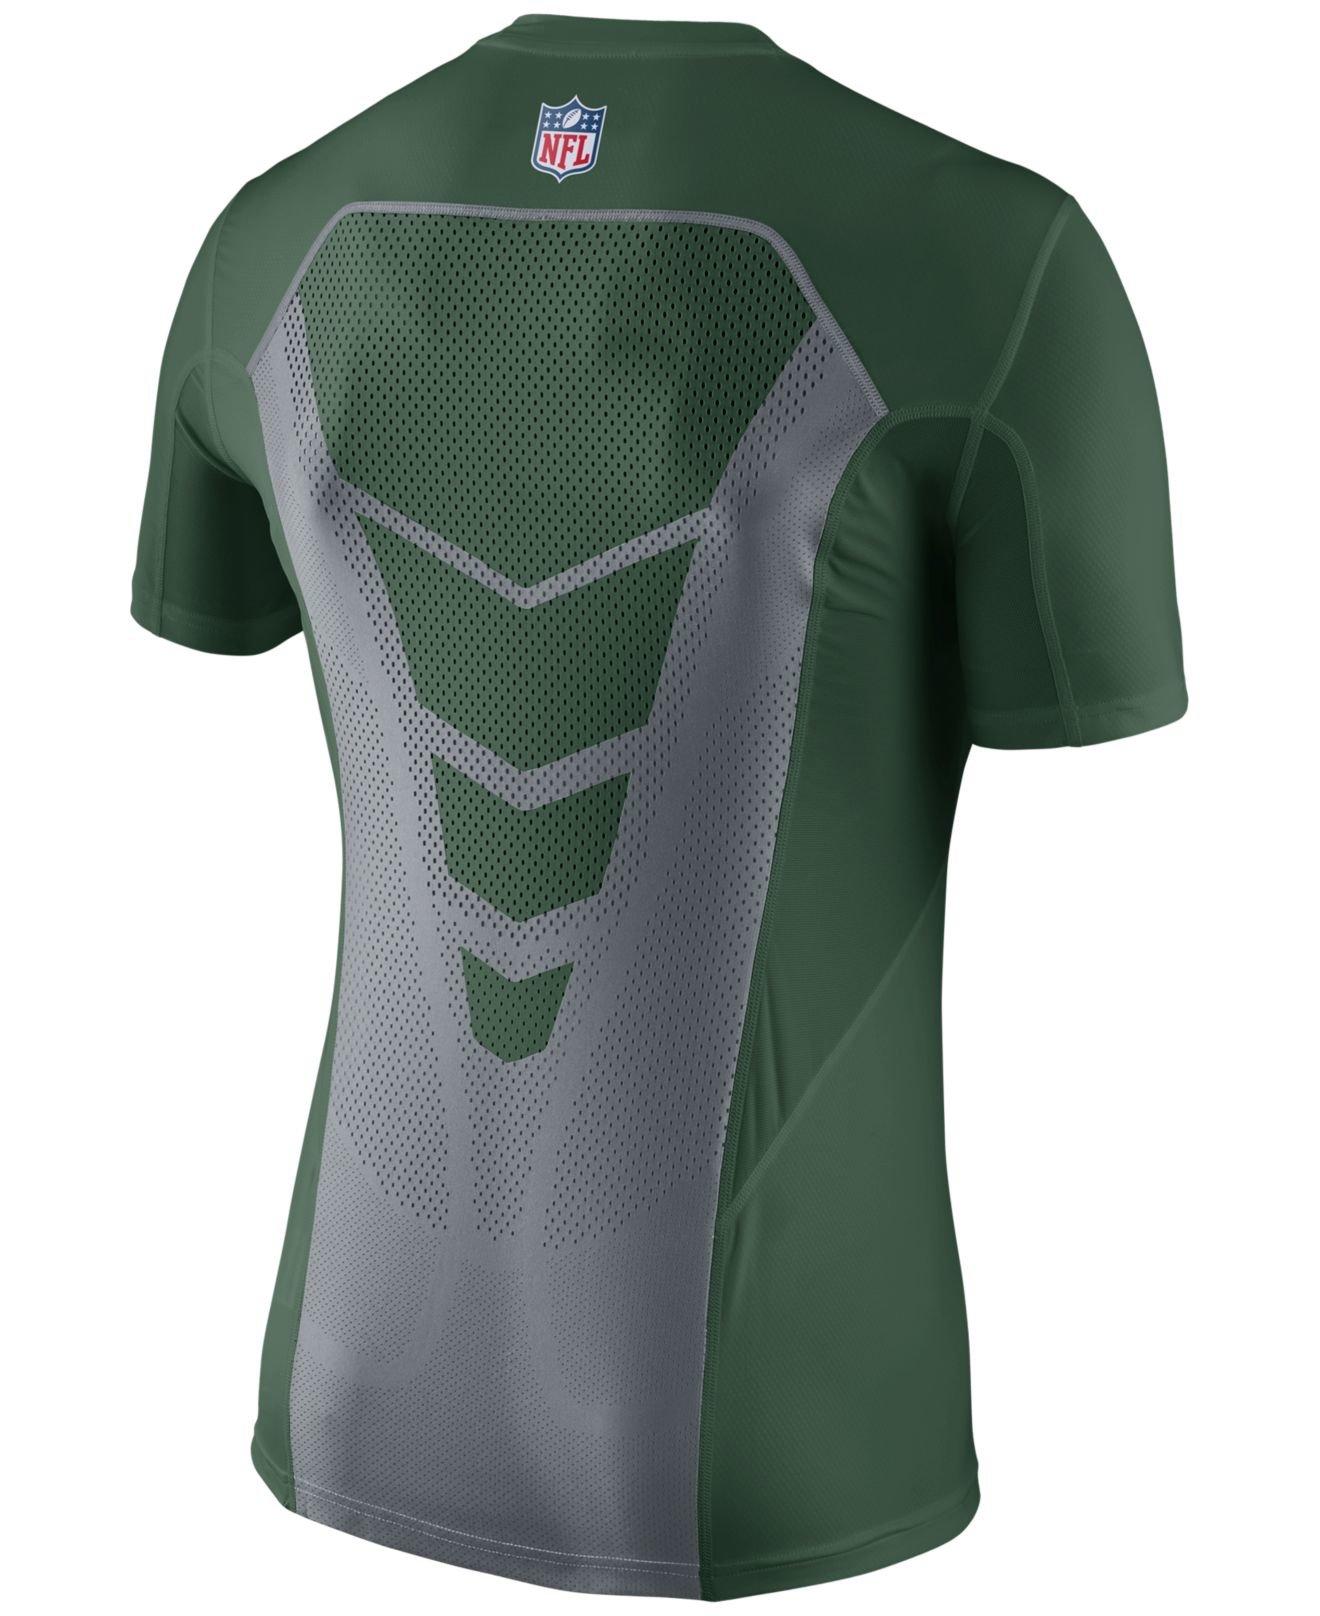 Nike Dri Fit T Shirts For Men